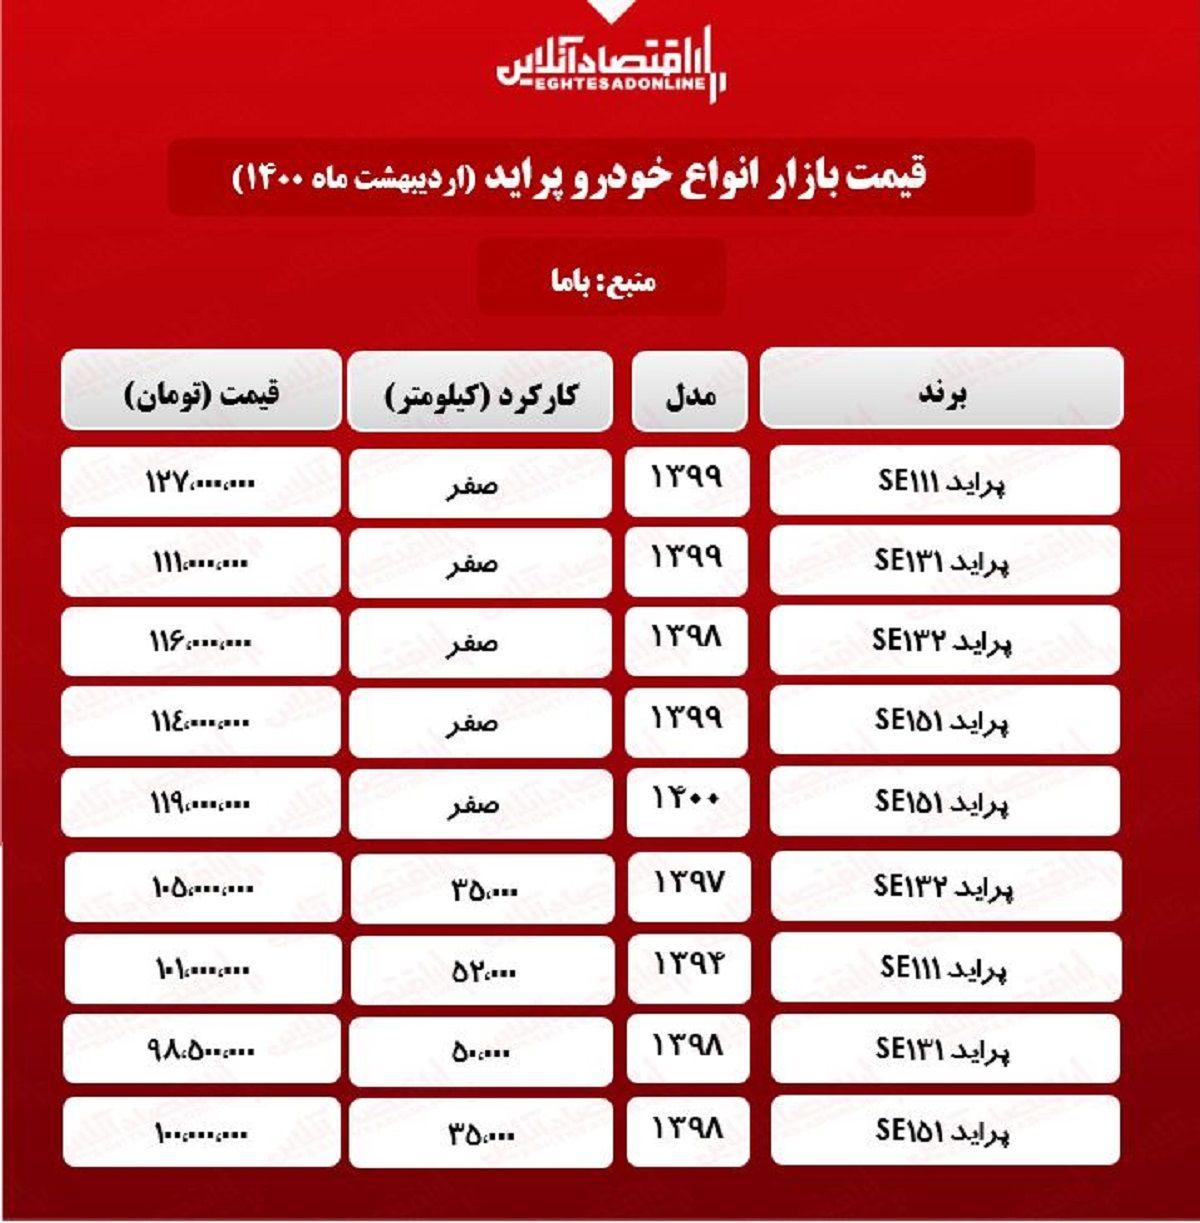 قیمت پراید امروز ۱۴۰۰/۲/۲